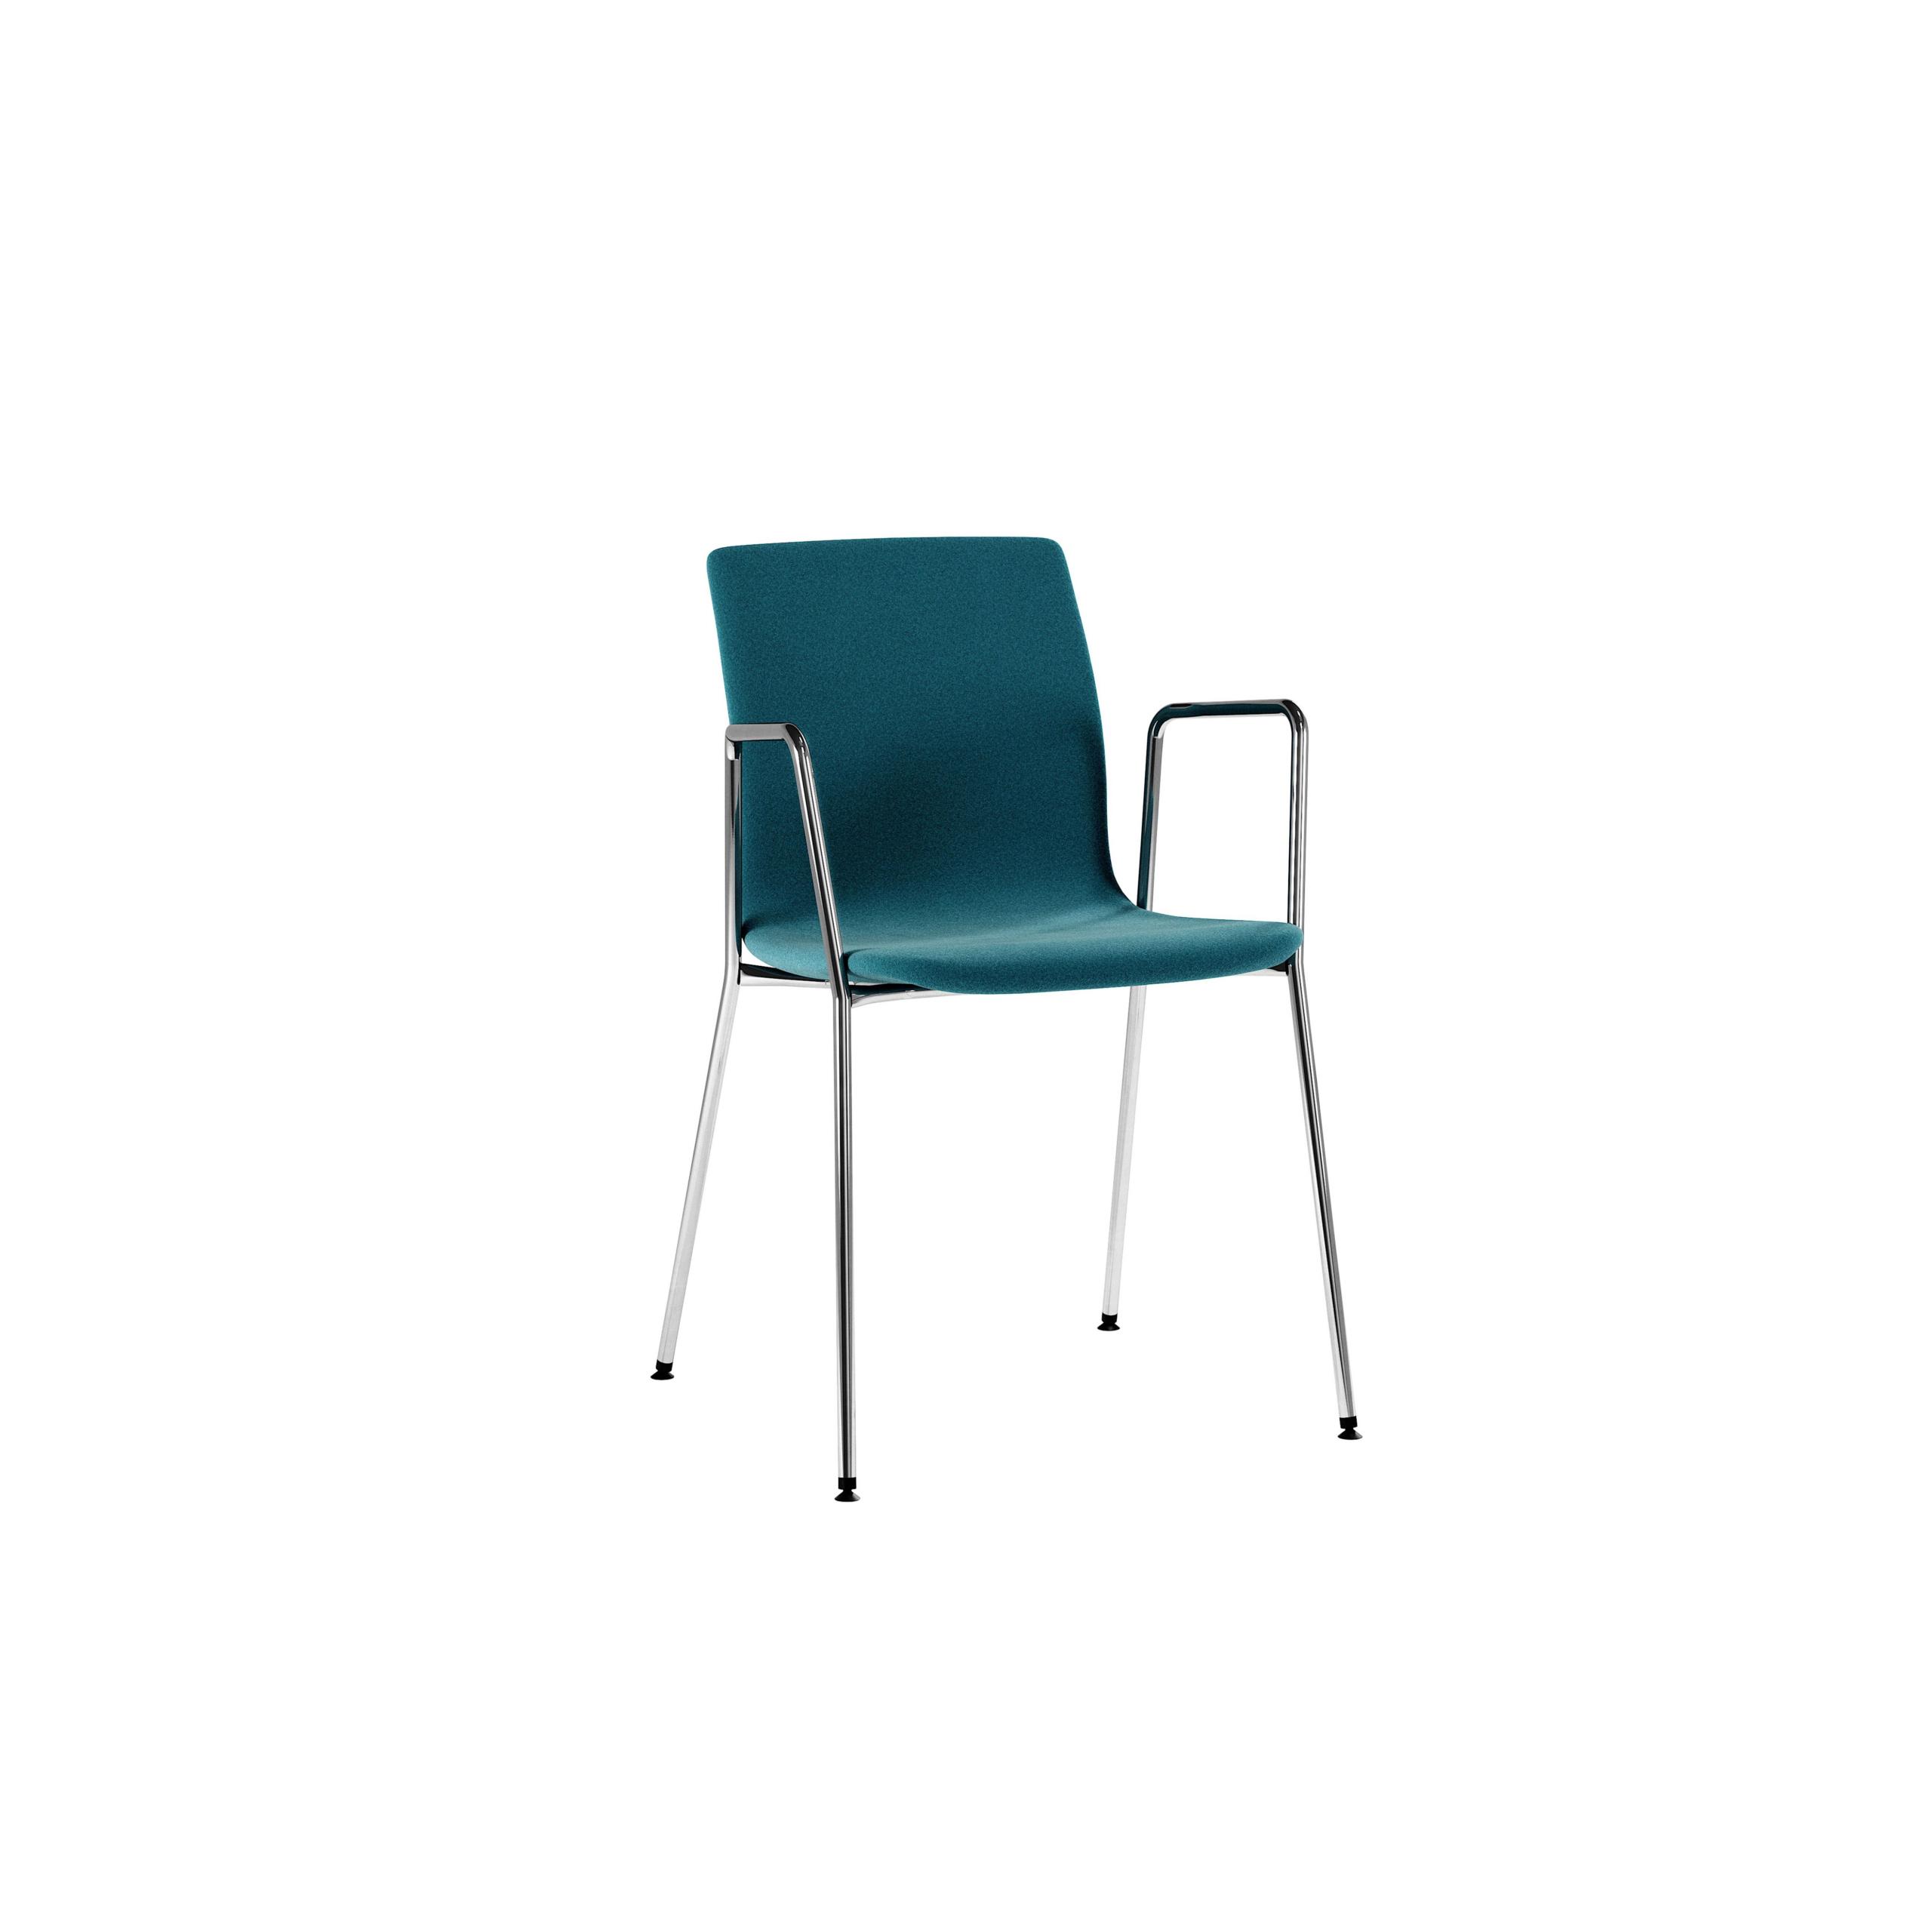 Nova Stol med metallben produktbild 3